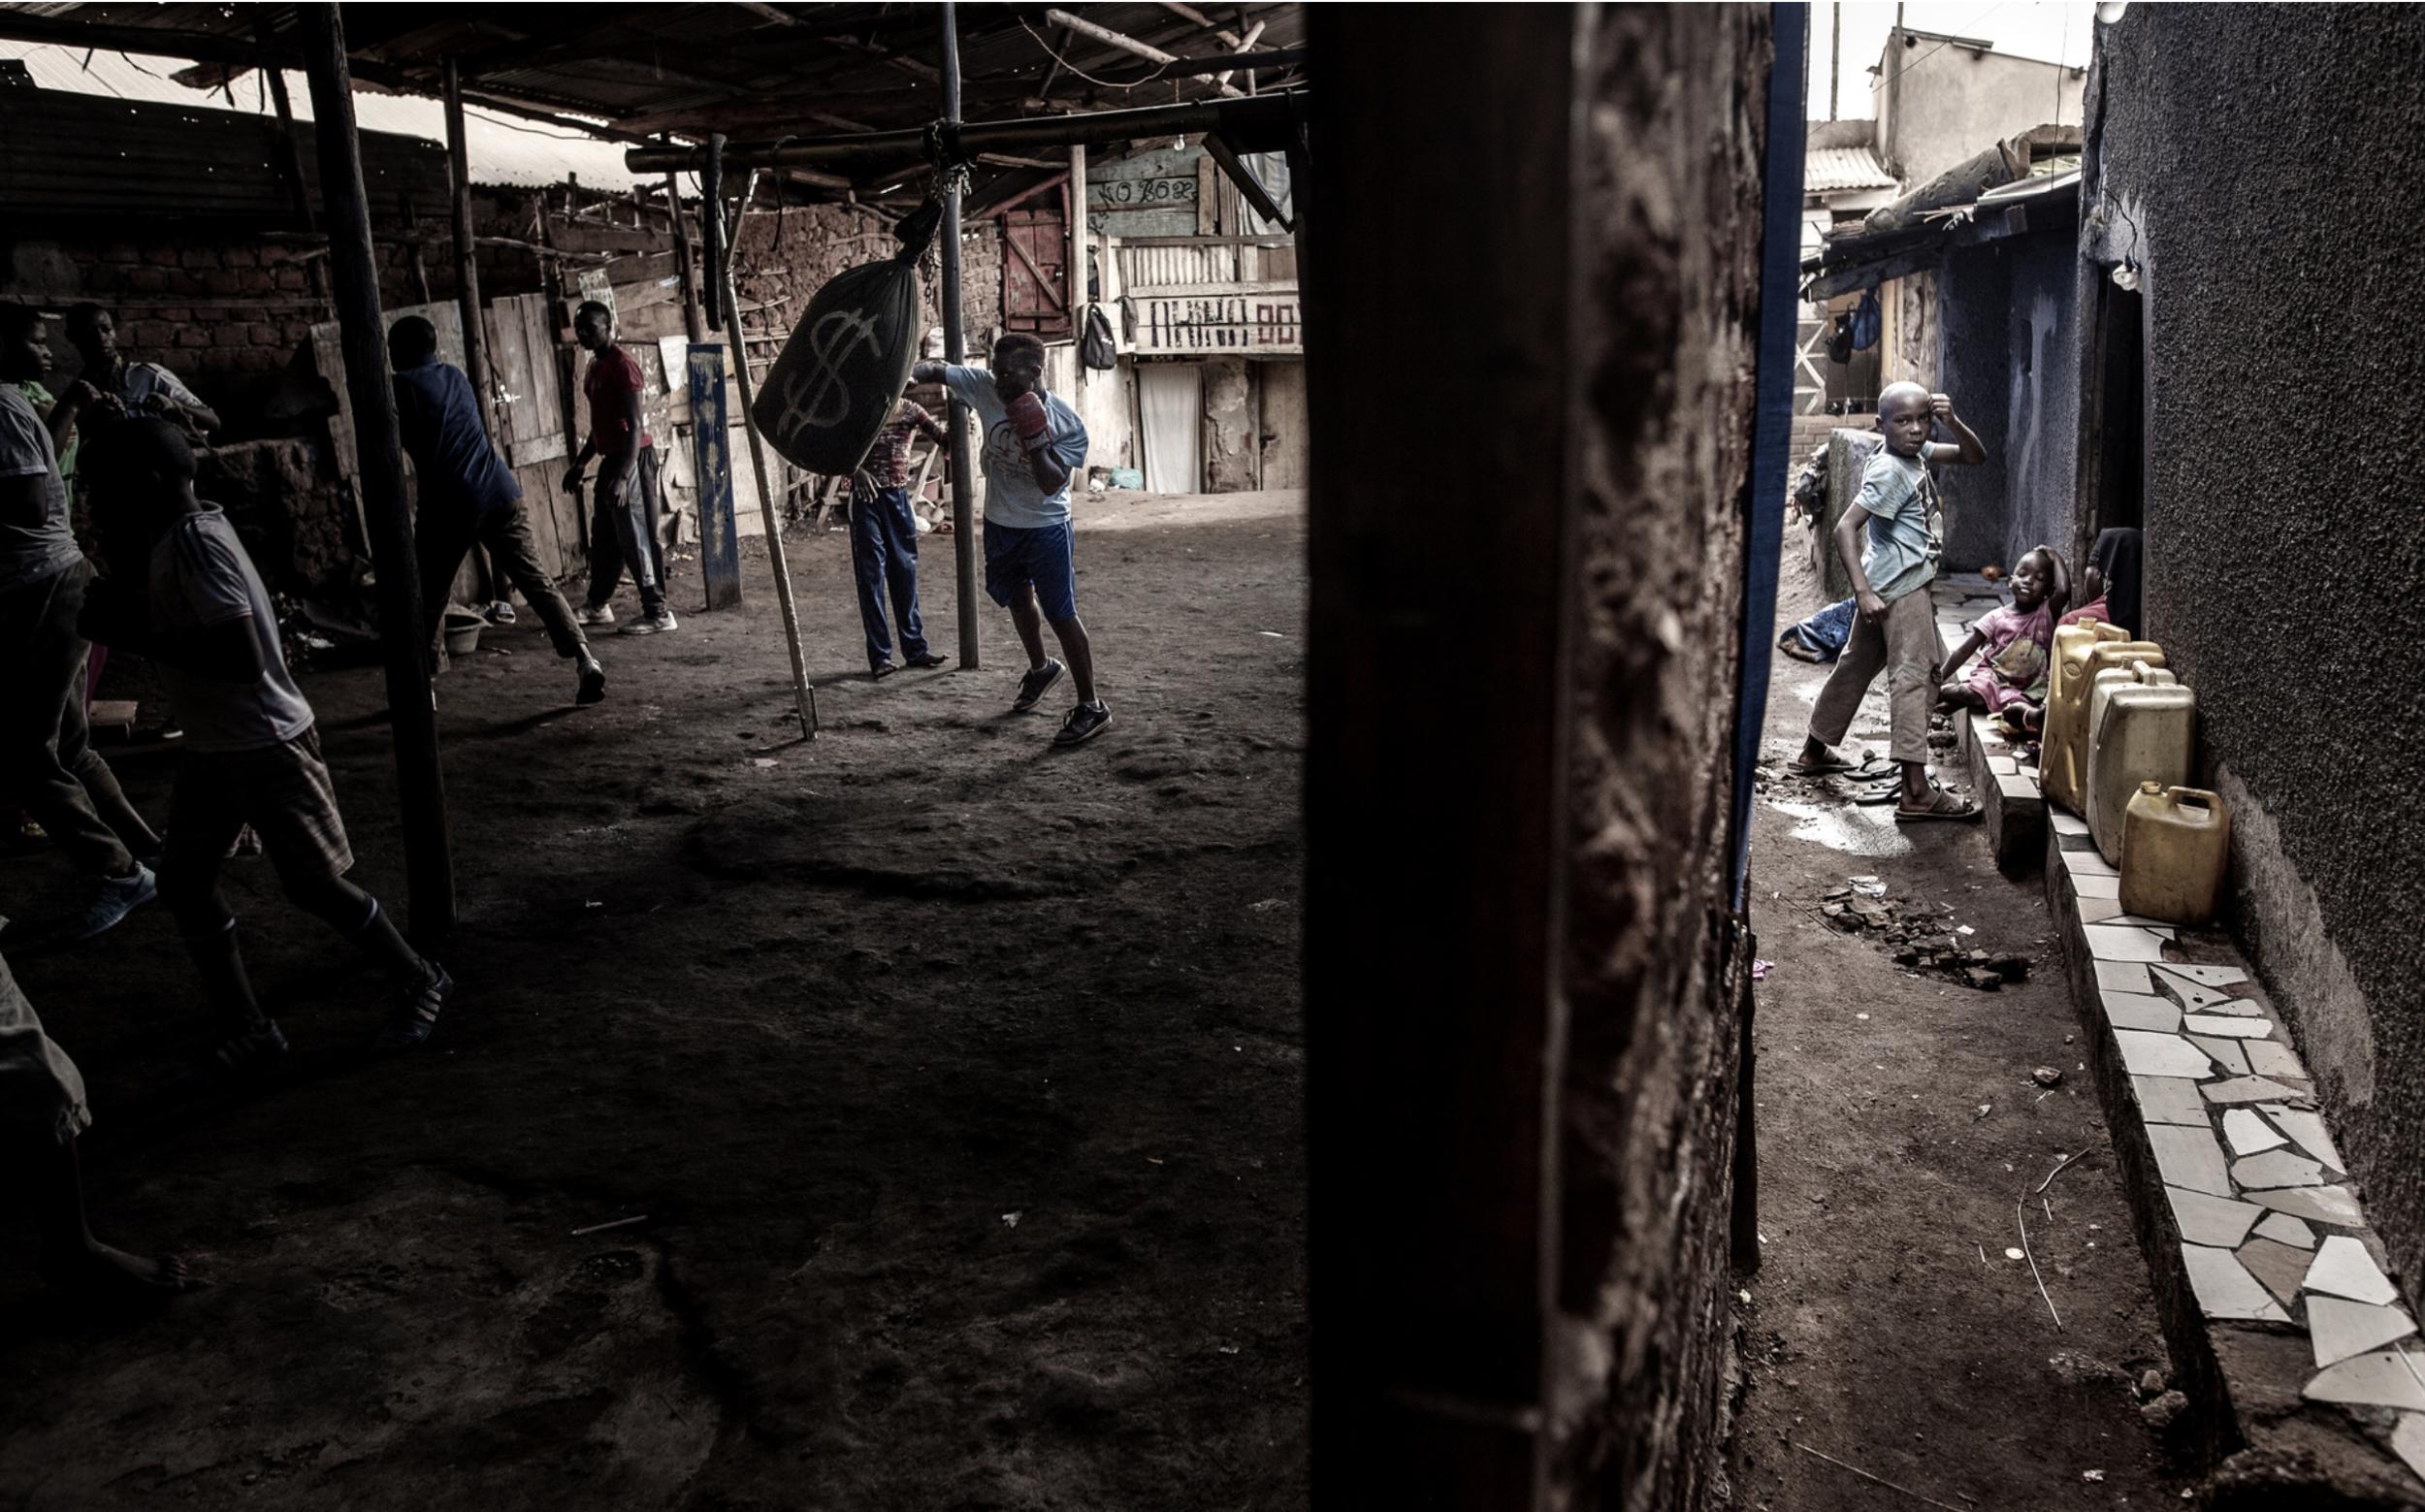 Boxing in Katanga - John T. Pedersen (2018)